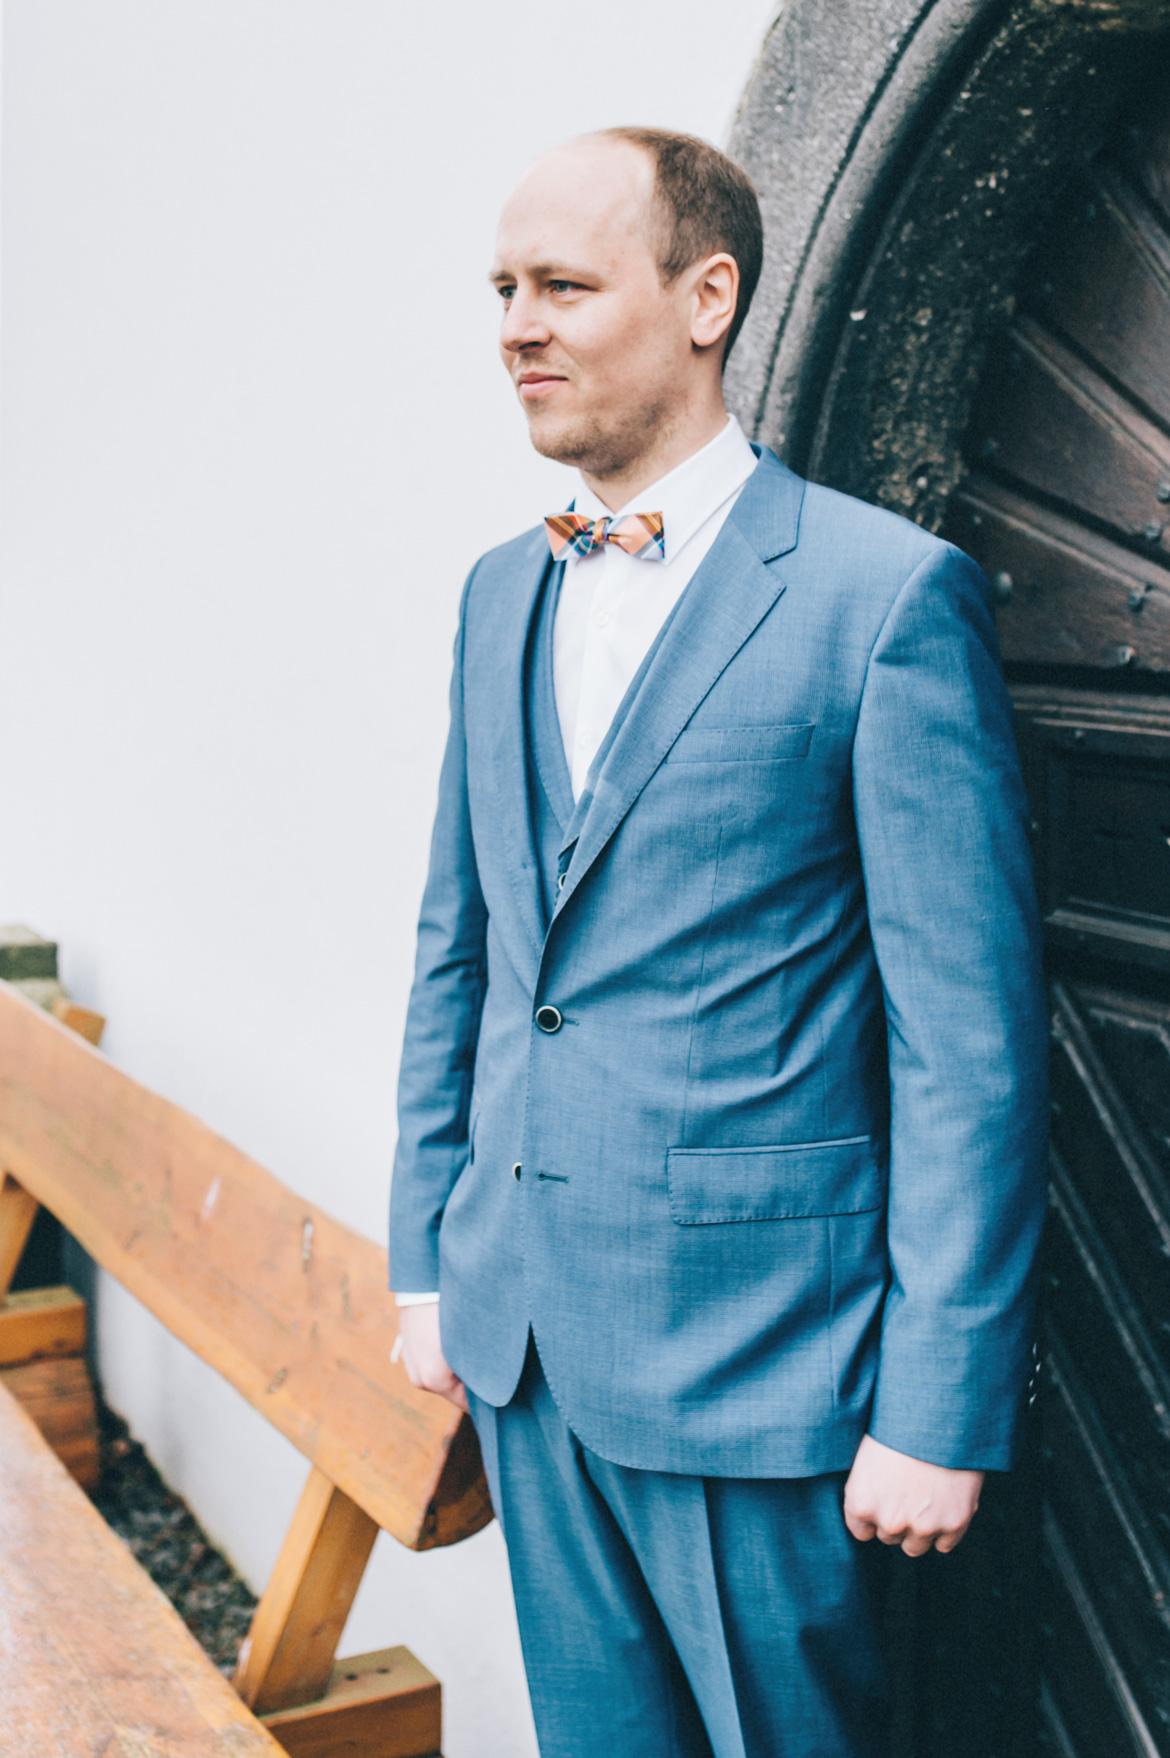 DIY-Hochzeit-koblenz-hoch-4 Tina & Miro DIY Wedding Cafe KostbarDIY Hochzeit koblenz hoch 4